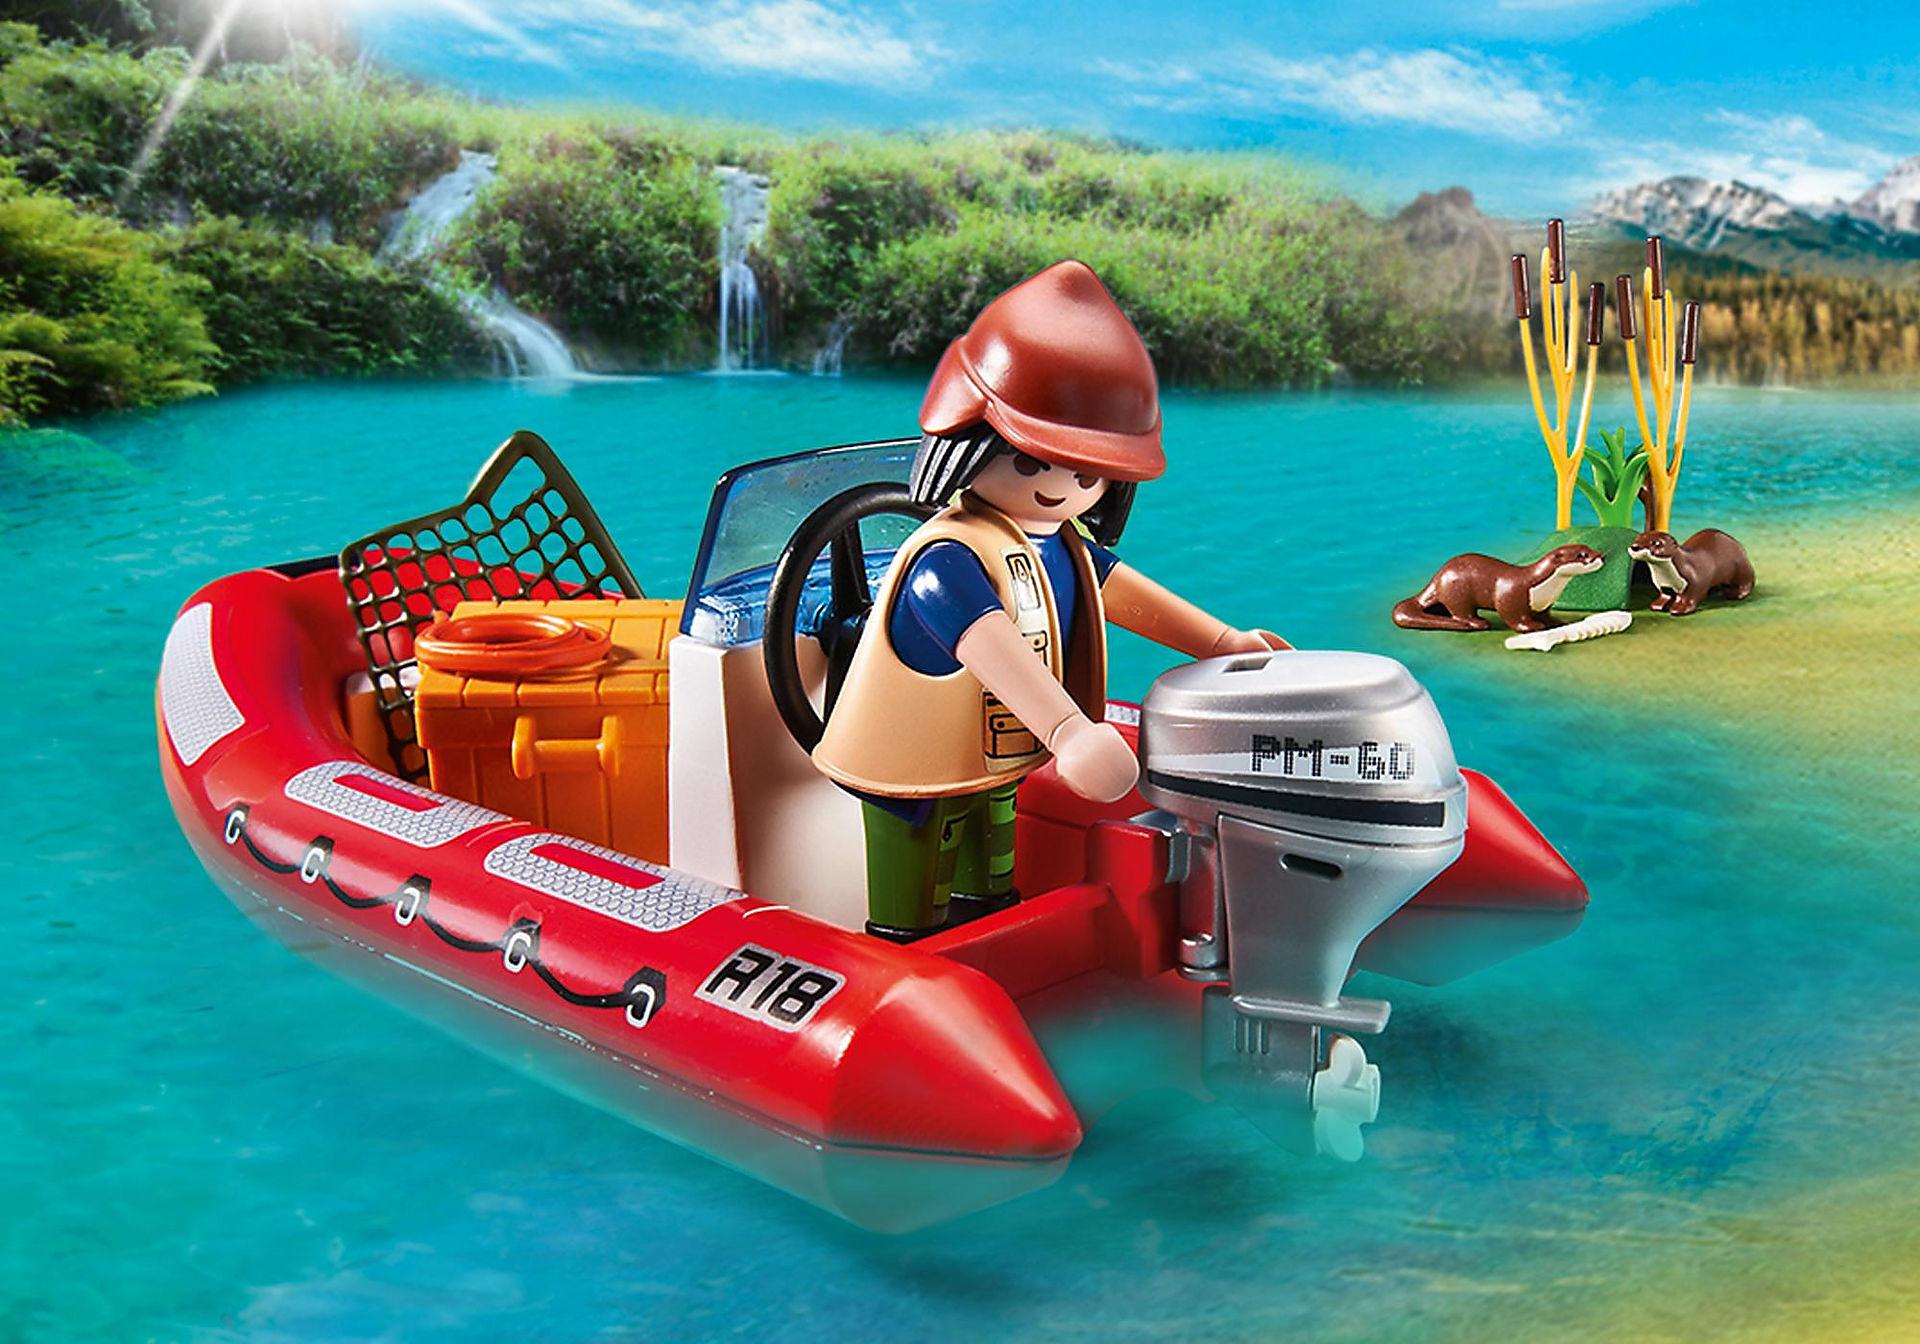 http://media.playmobil.com/i/playmobil/5559_product_extra2/Bote Insuflável com Exploradores